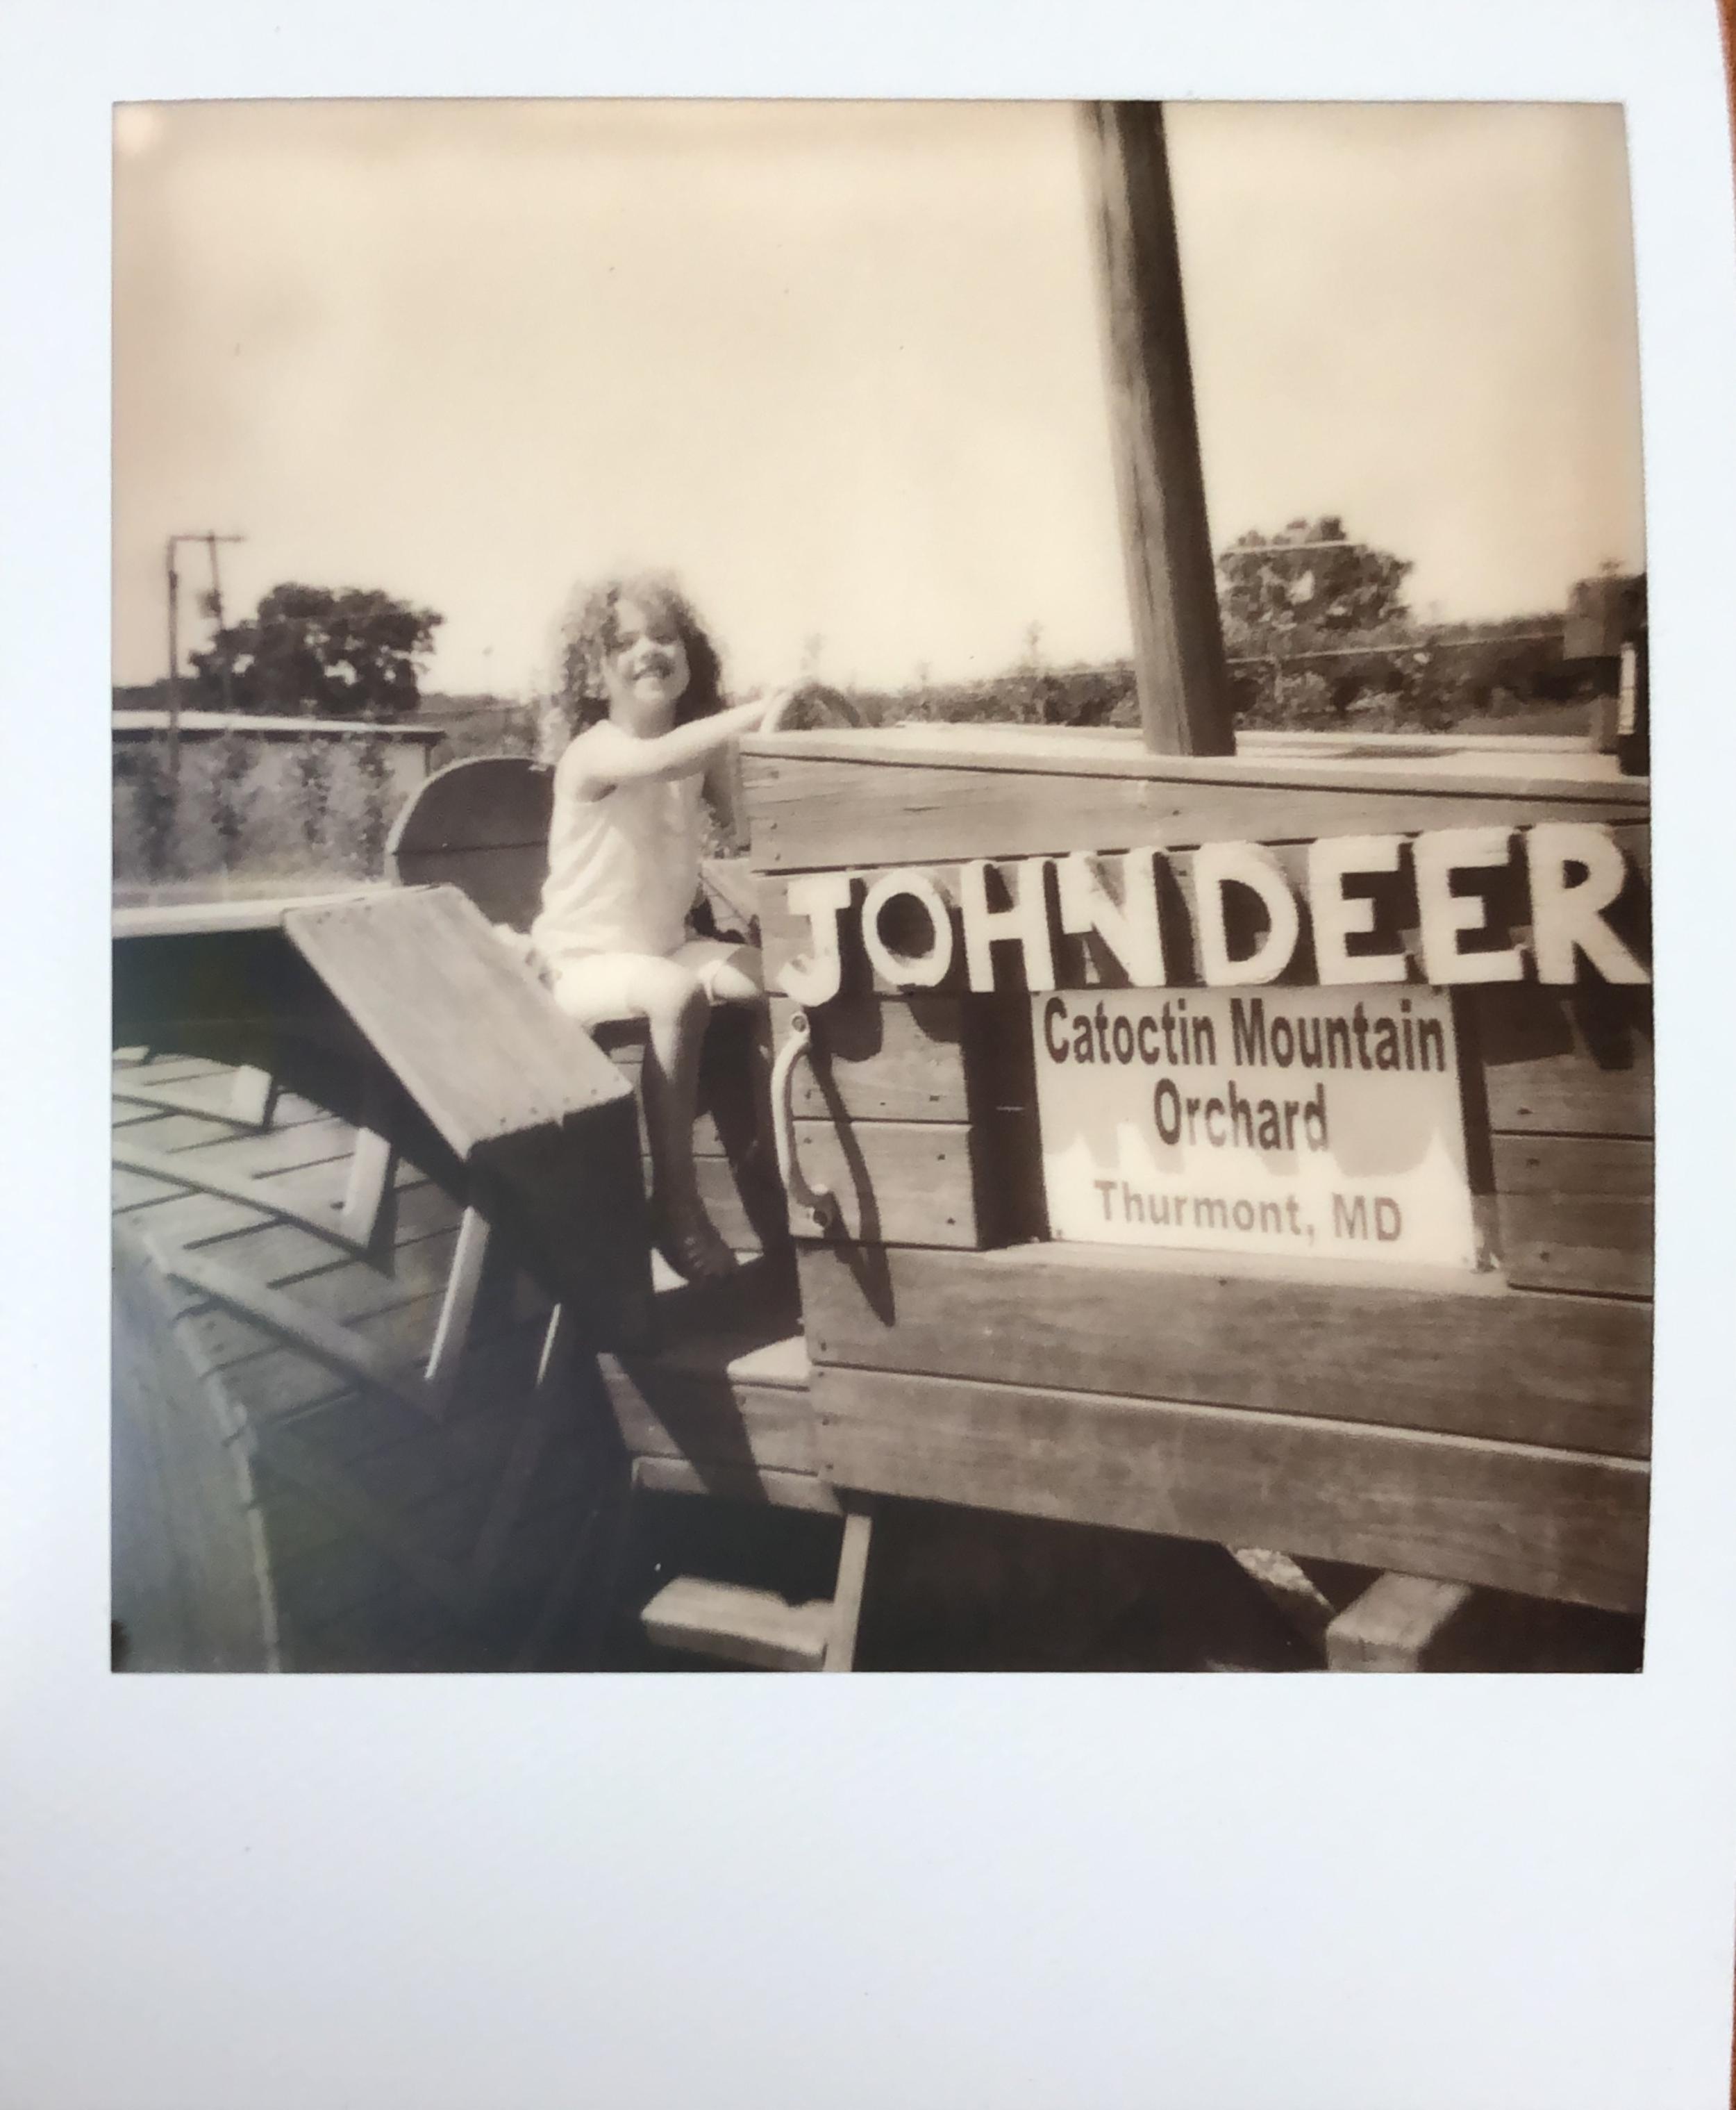 John Deer, 7-3-2018